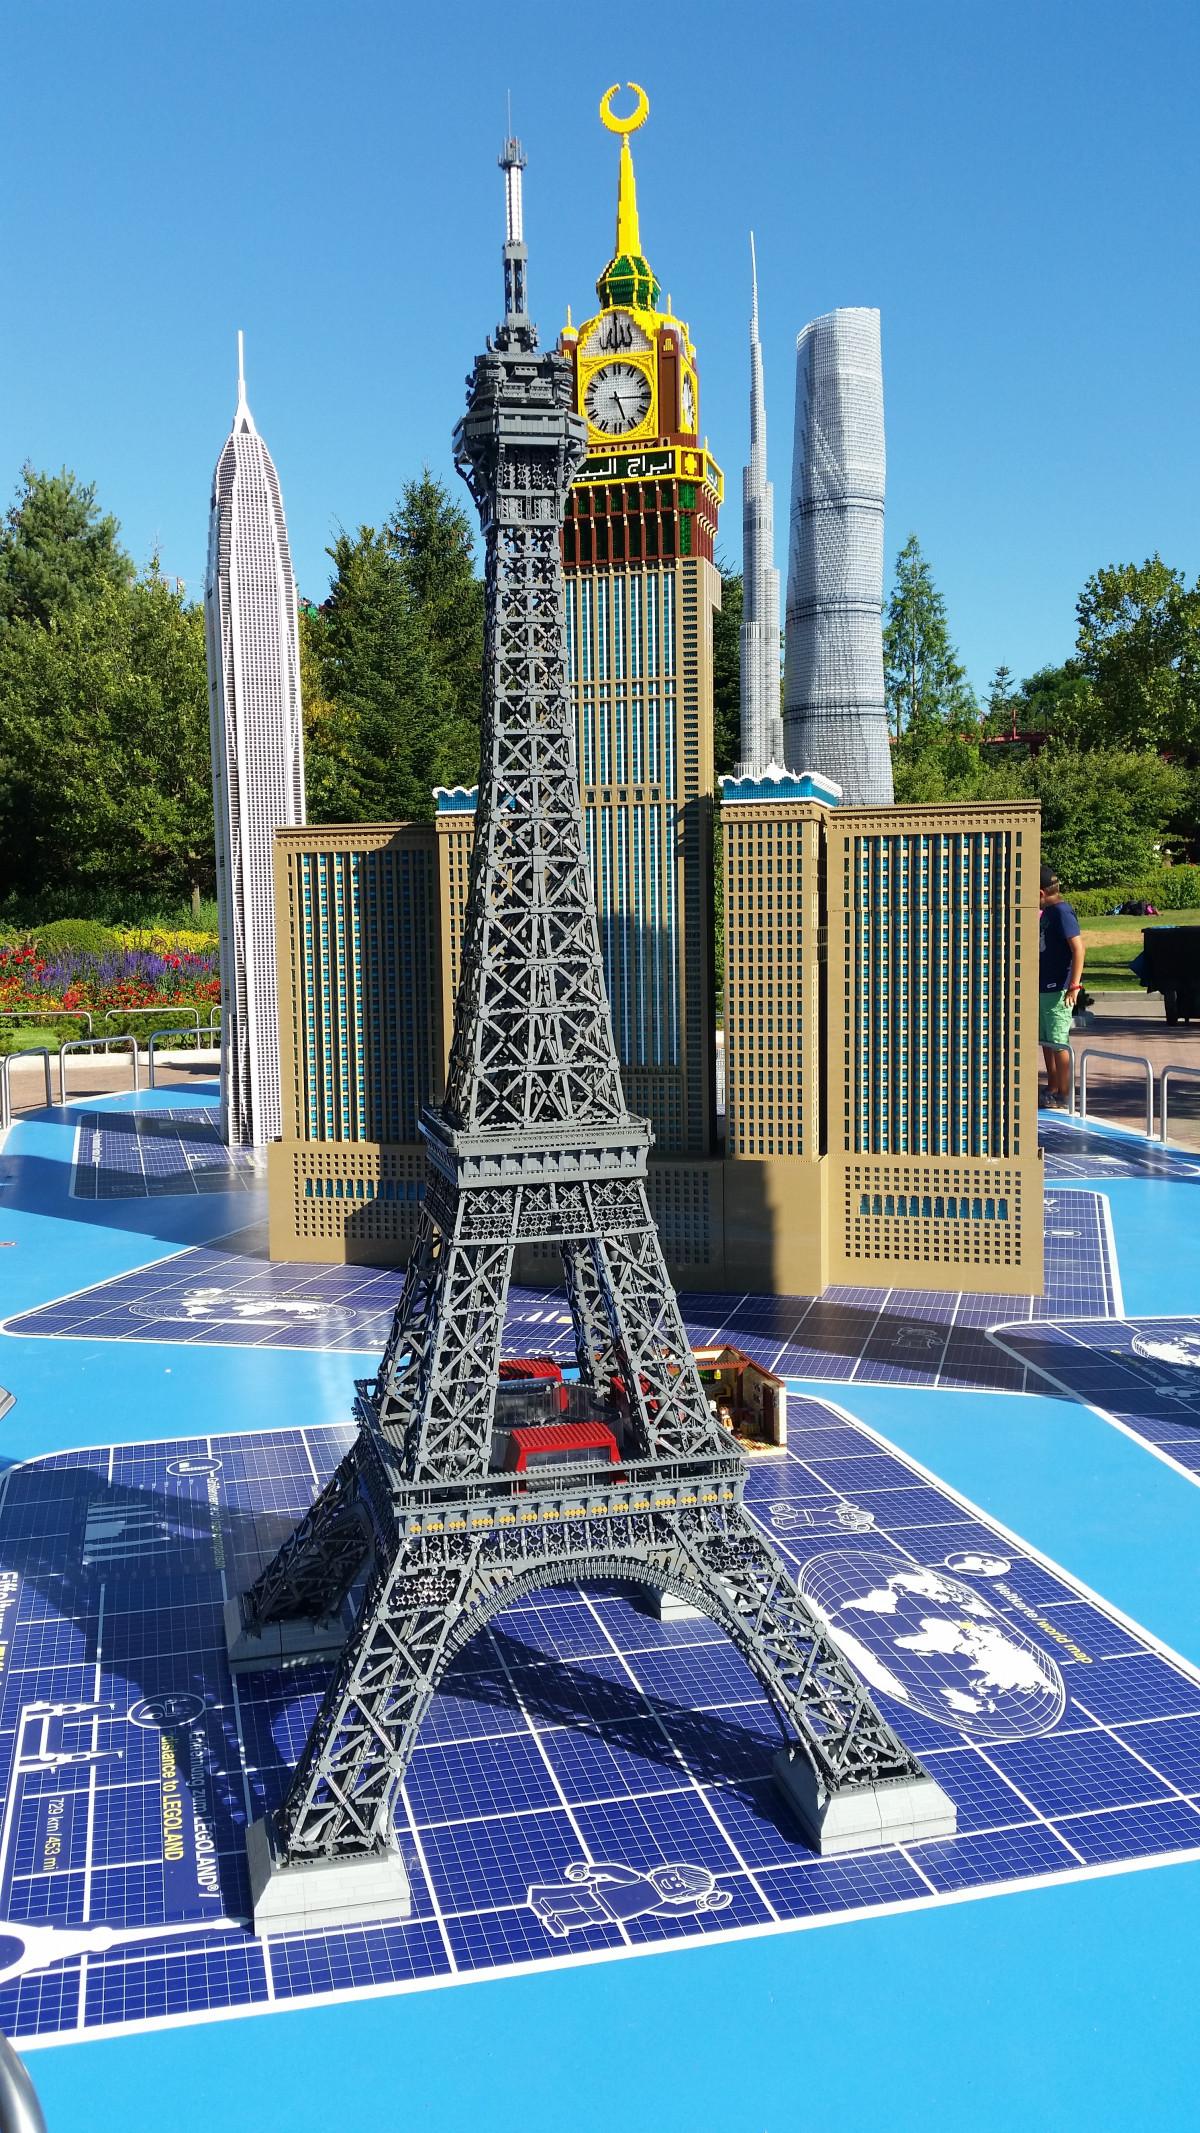 Images gratuites tour eiffel paris gratte ciel parc d - Tour eiffel photos gratuites ...